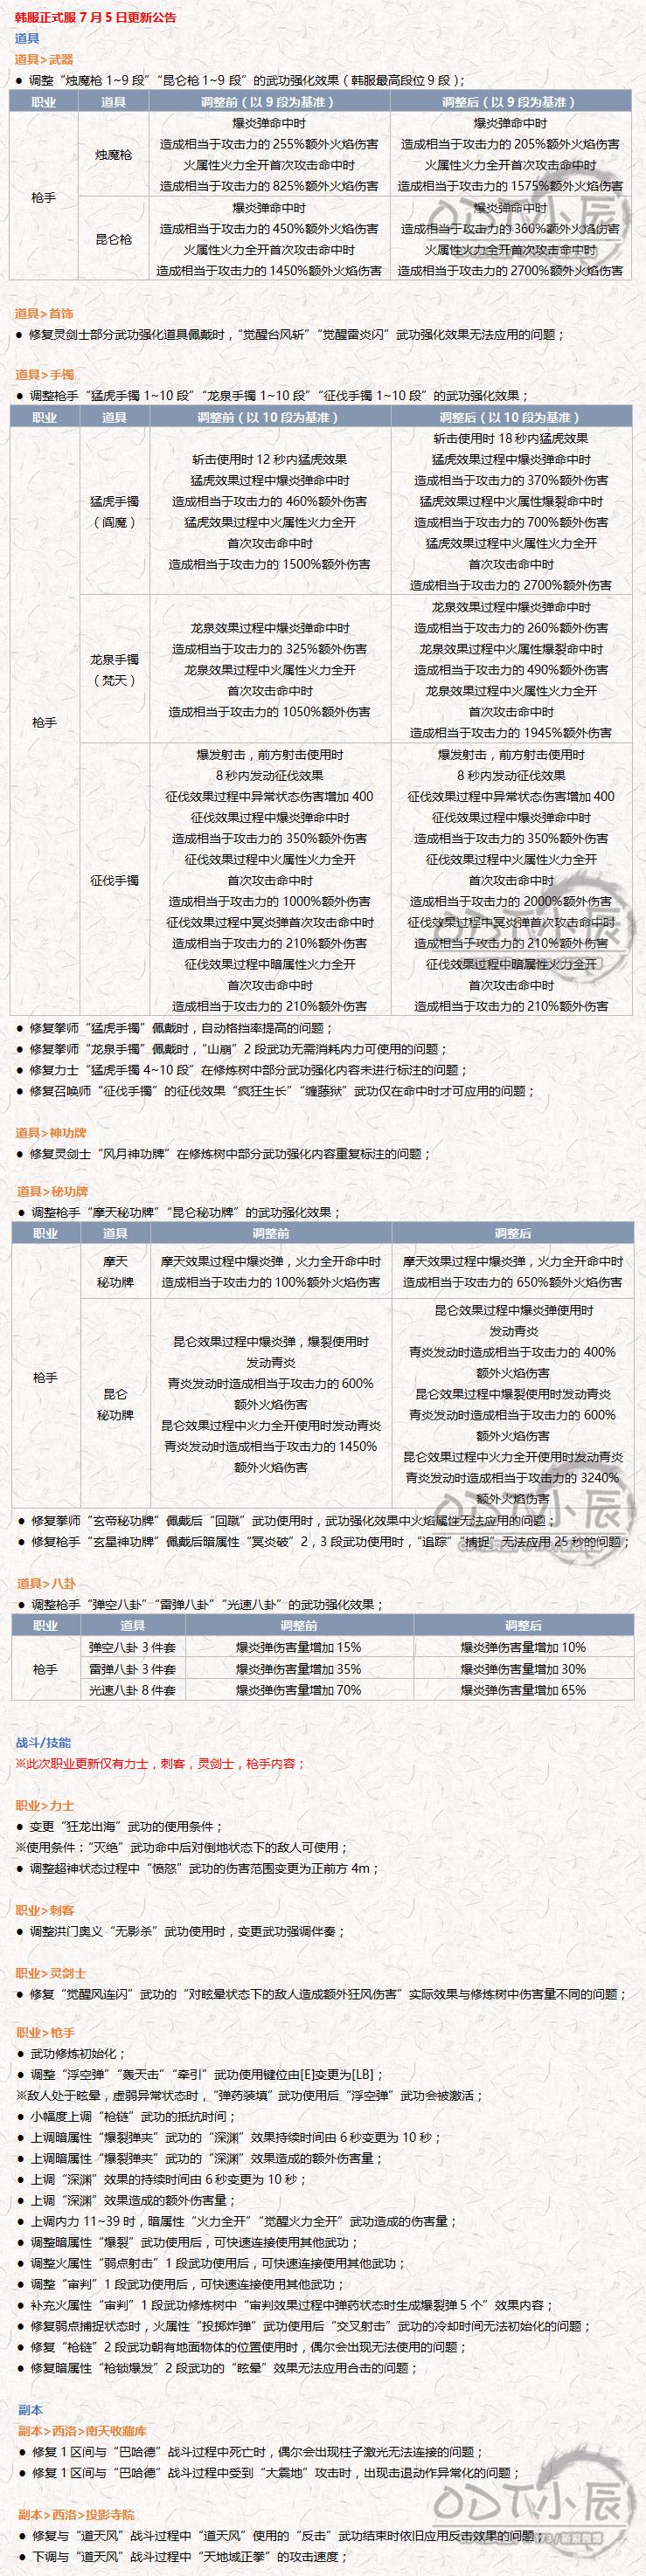 韓服正式服7月5日更新公告.png